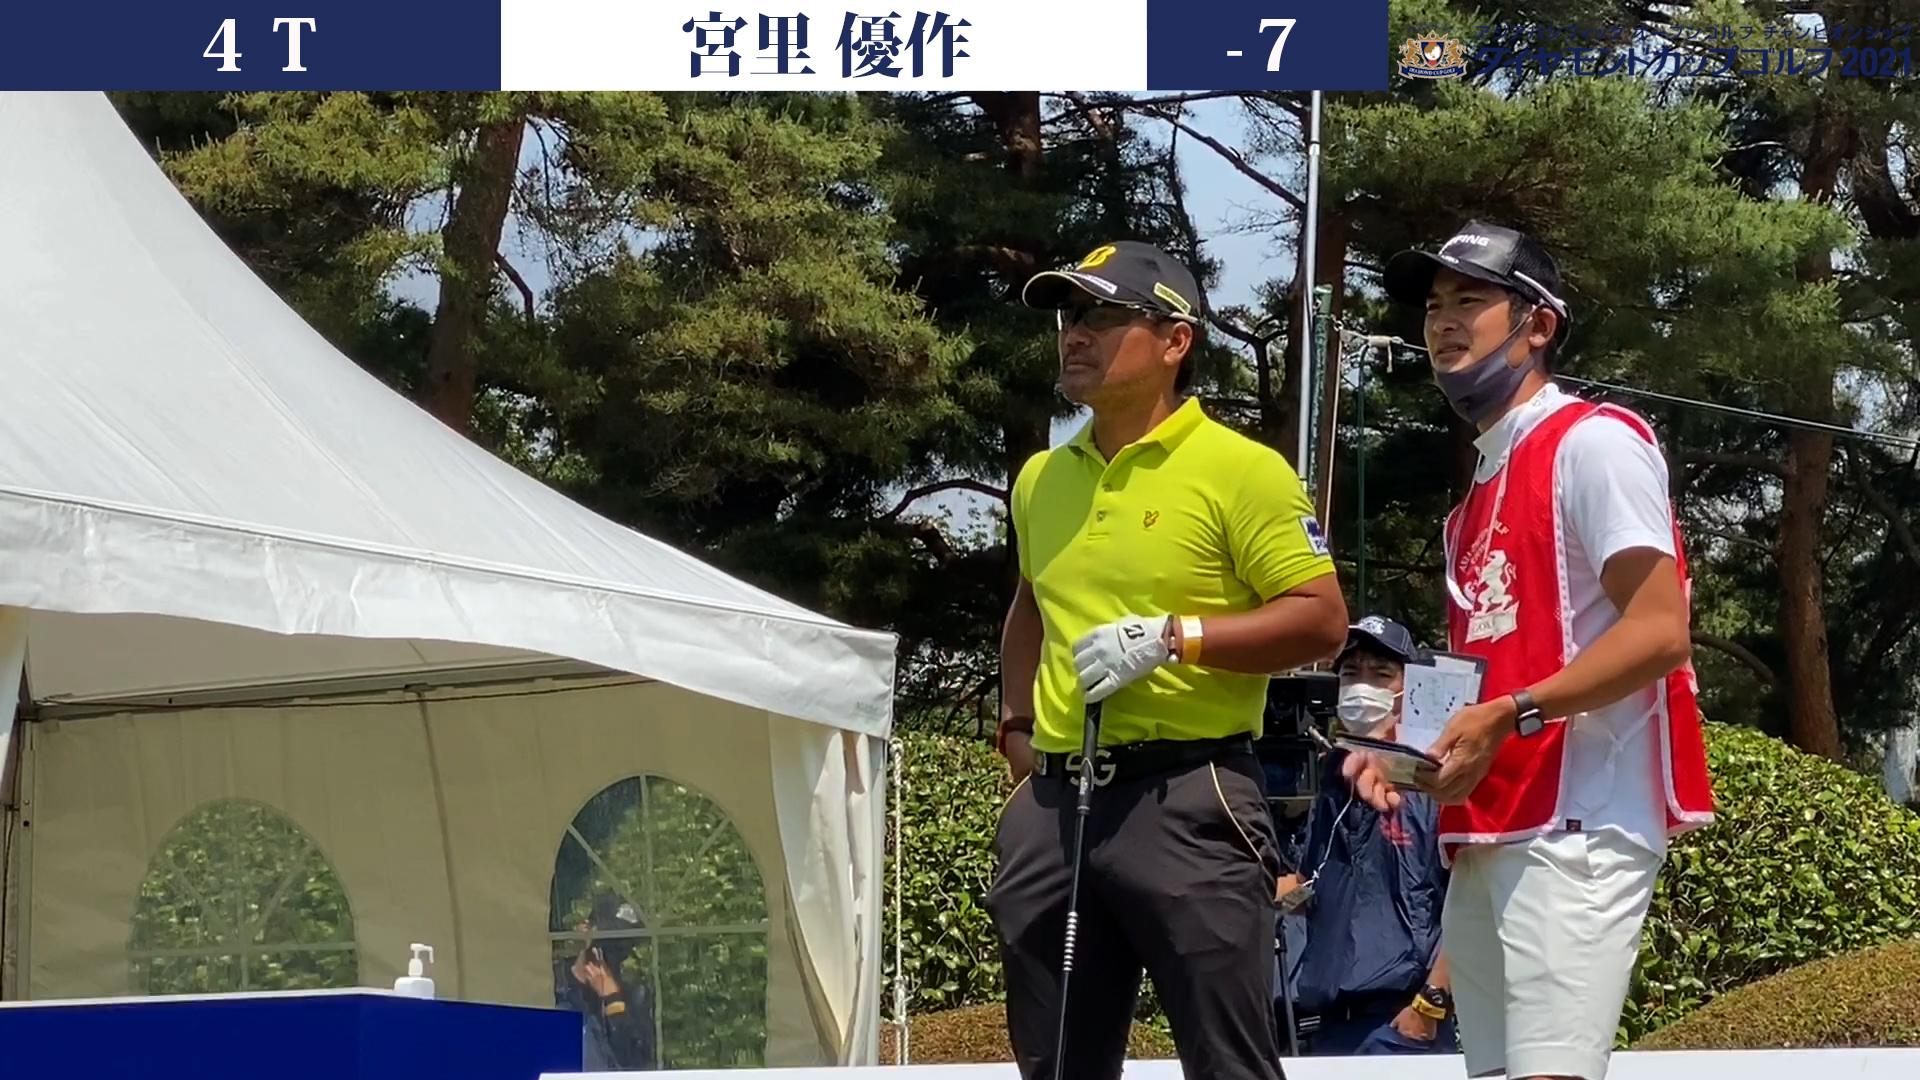 【男子ゴルフ】宮里優作は通算7アンダーで4位タイに!アジアパシフィックダイヤモンドカップゴルフ 3rd Round